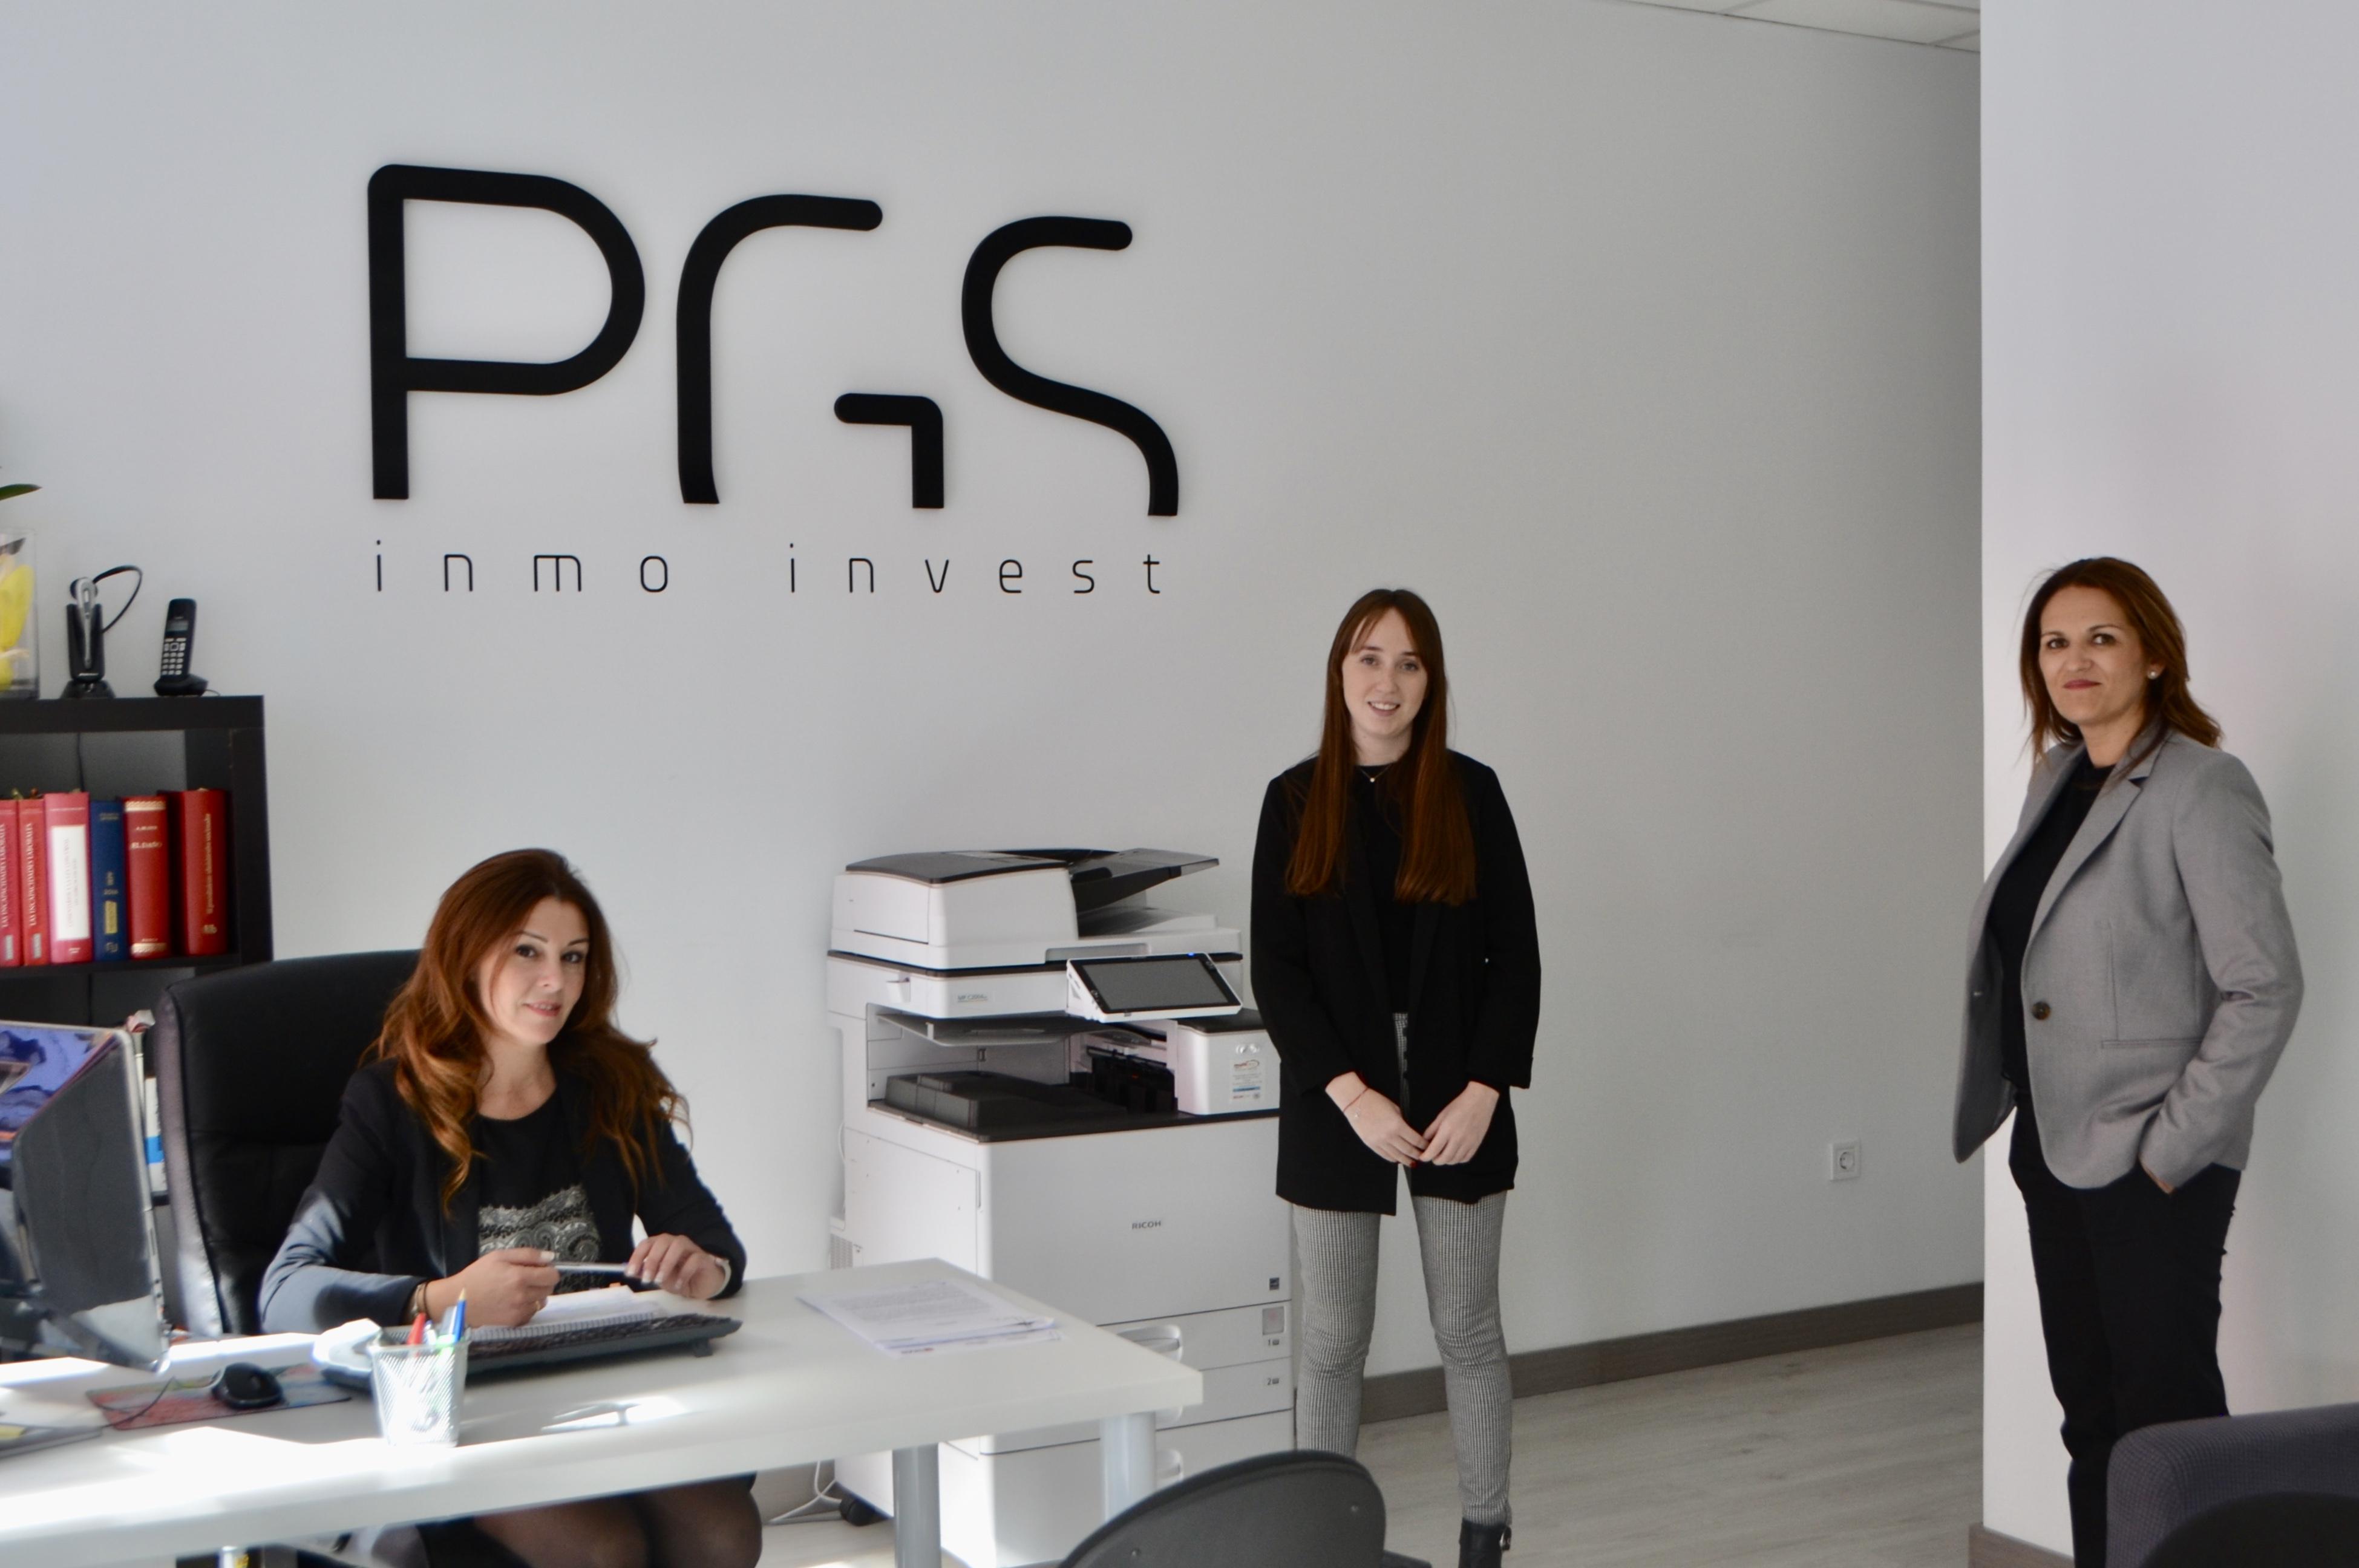 PGS Inmo Invest en San Martin de la Vega